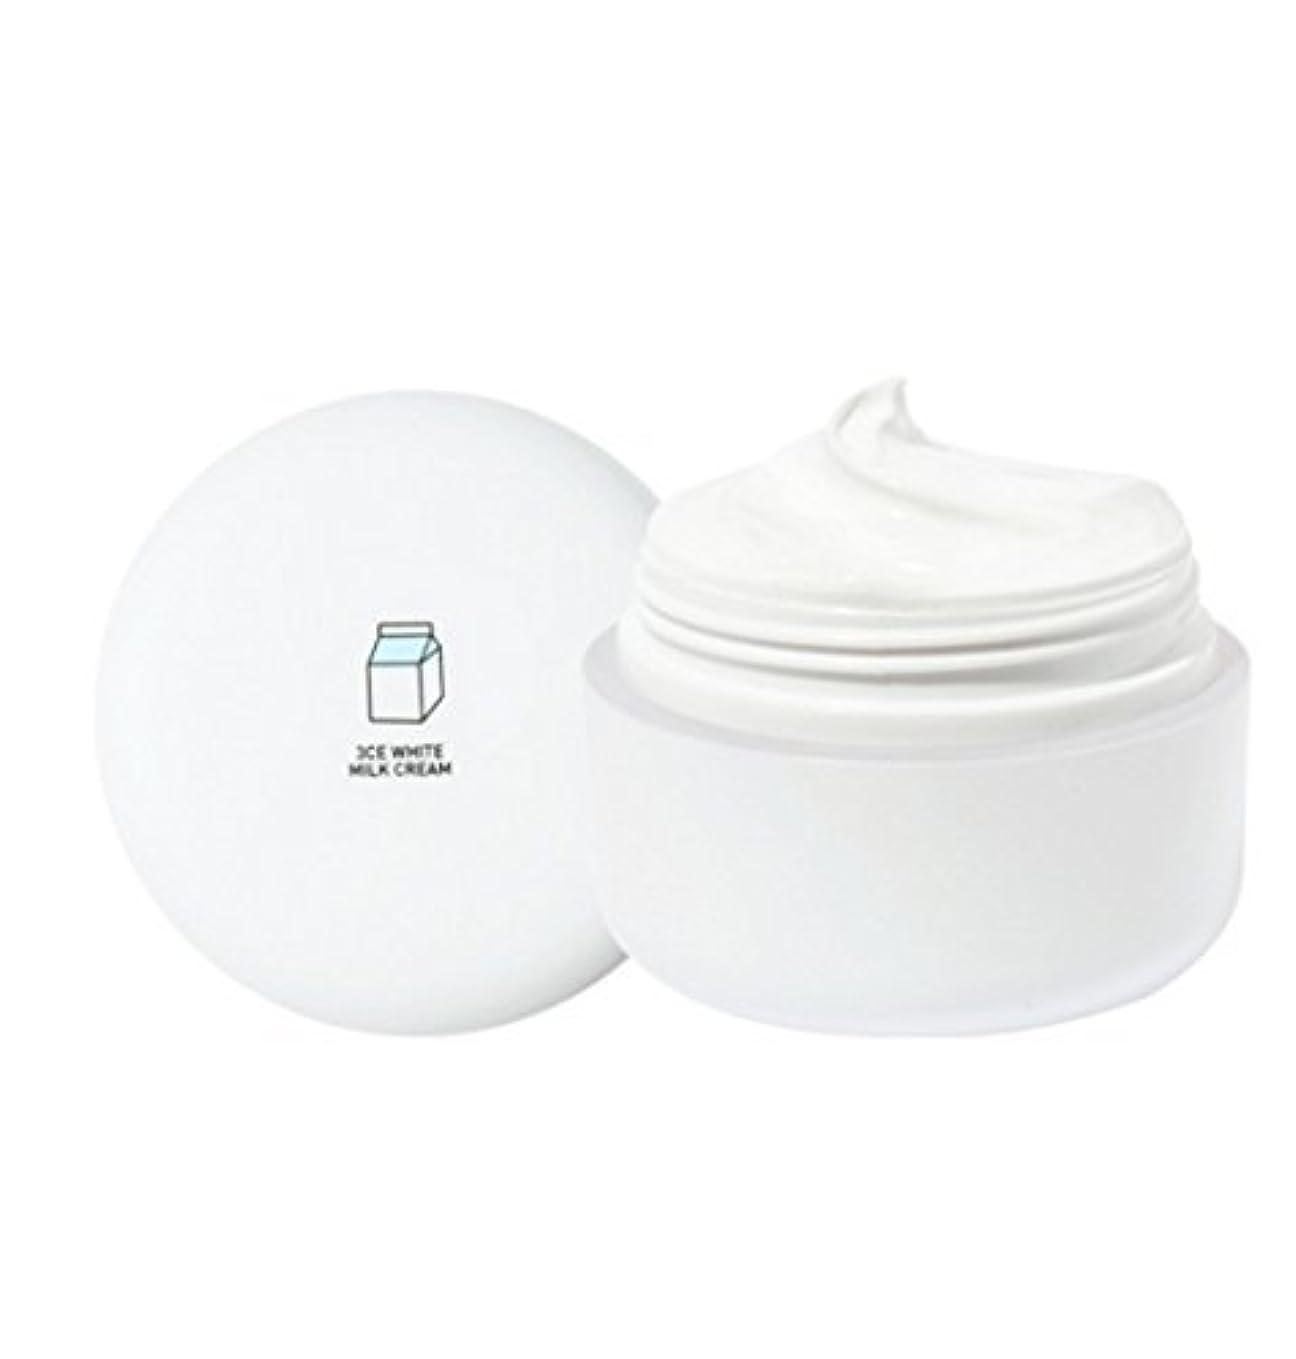 プレミアムシットコムアレイスリーコンセプトアイズ ホワイトミルククリーム ウユクリーム 50ml[392199][並行輸入品]